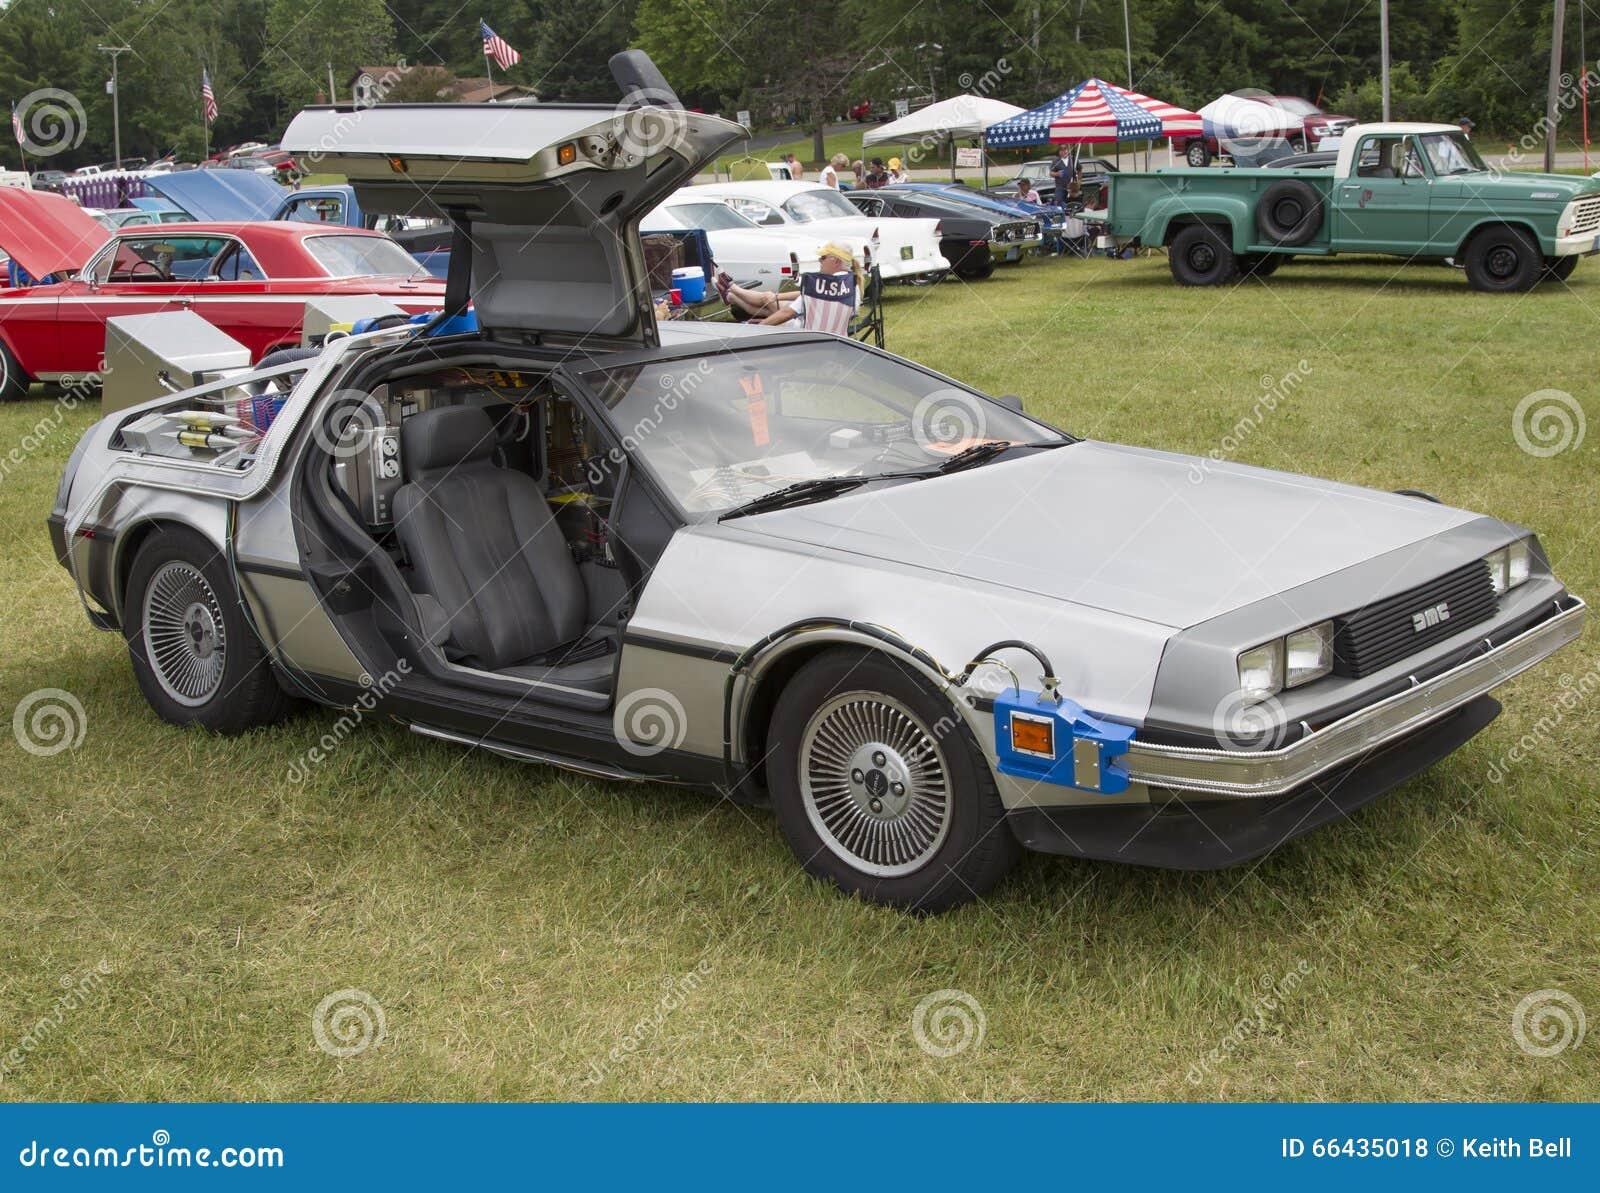 DeLorean DMC-12 Back to the Future Car Model